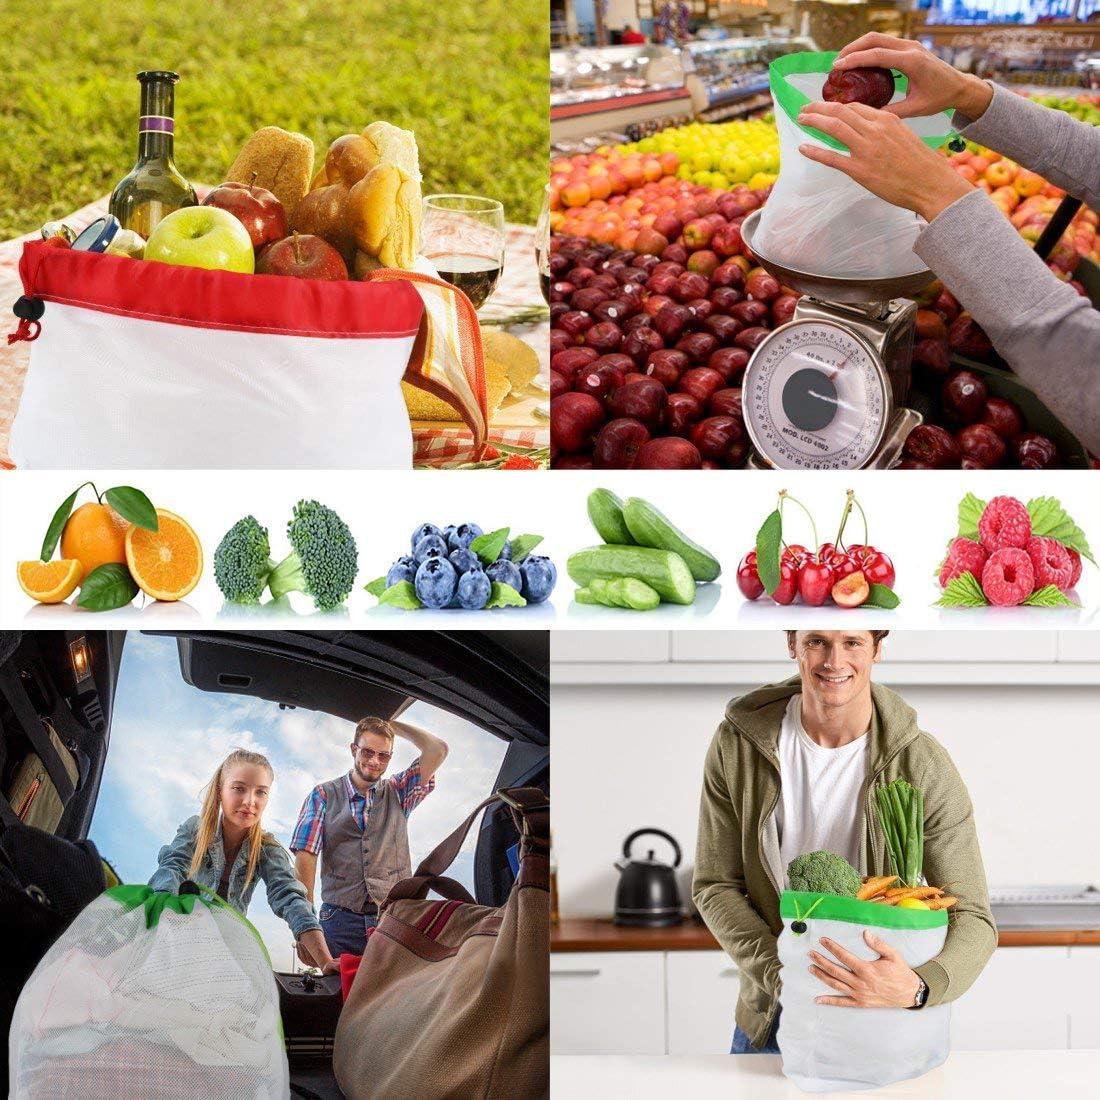 Awinker 12 Piezas Bolsas Compra Reutilizables Bolsa de Malla para Almacenamiento Fruta Verduras Juguetes Lavable y Transpirable 3 Diversos Tama?os